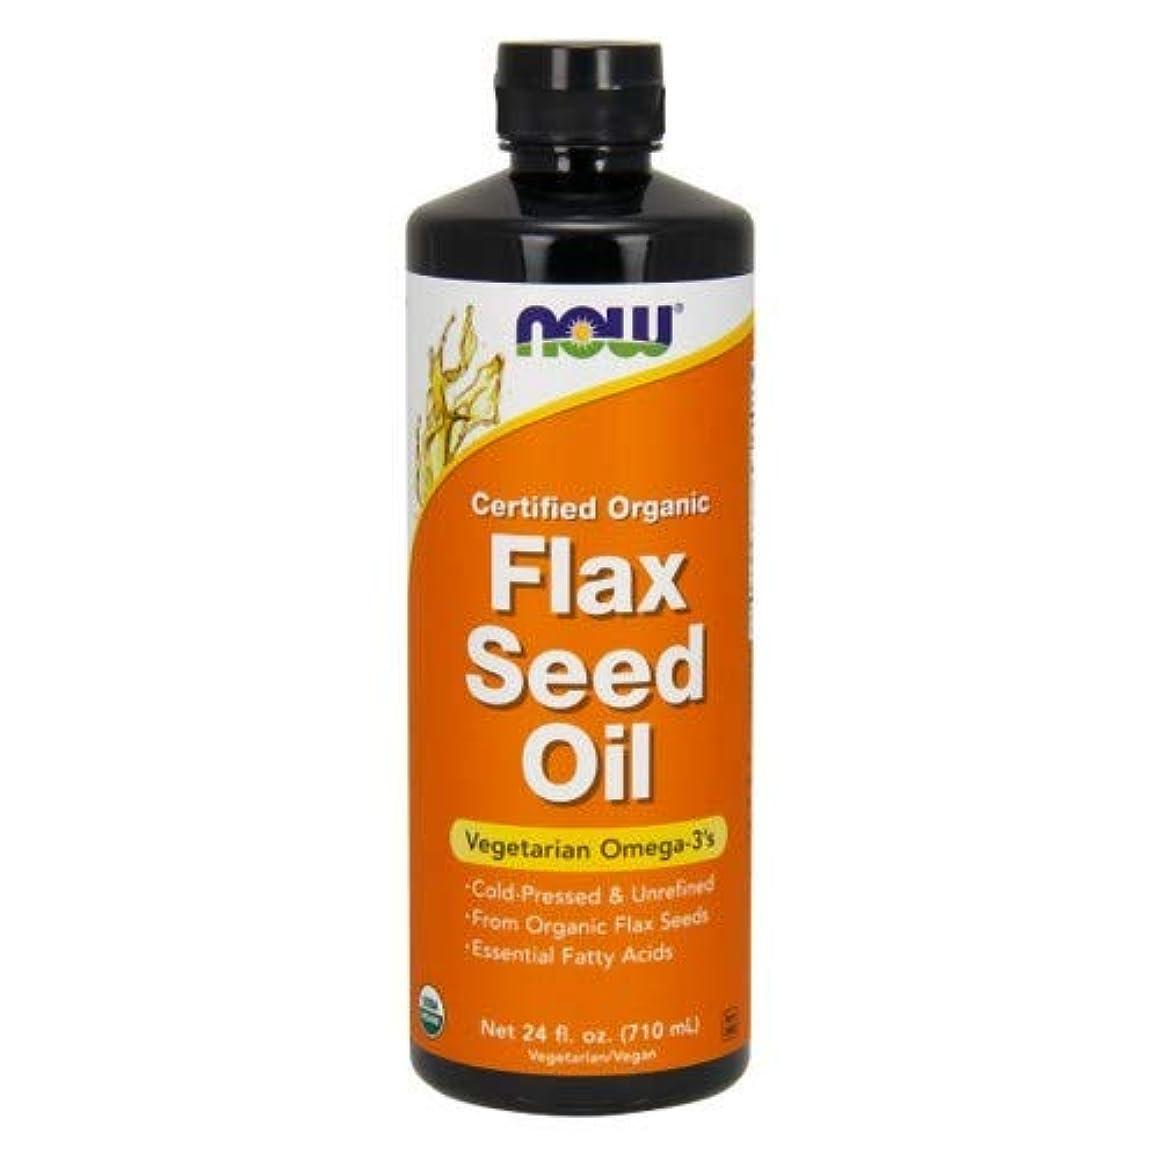 含む半導体ハックFlax Seed Oil (Certified Organic) 24